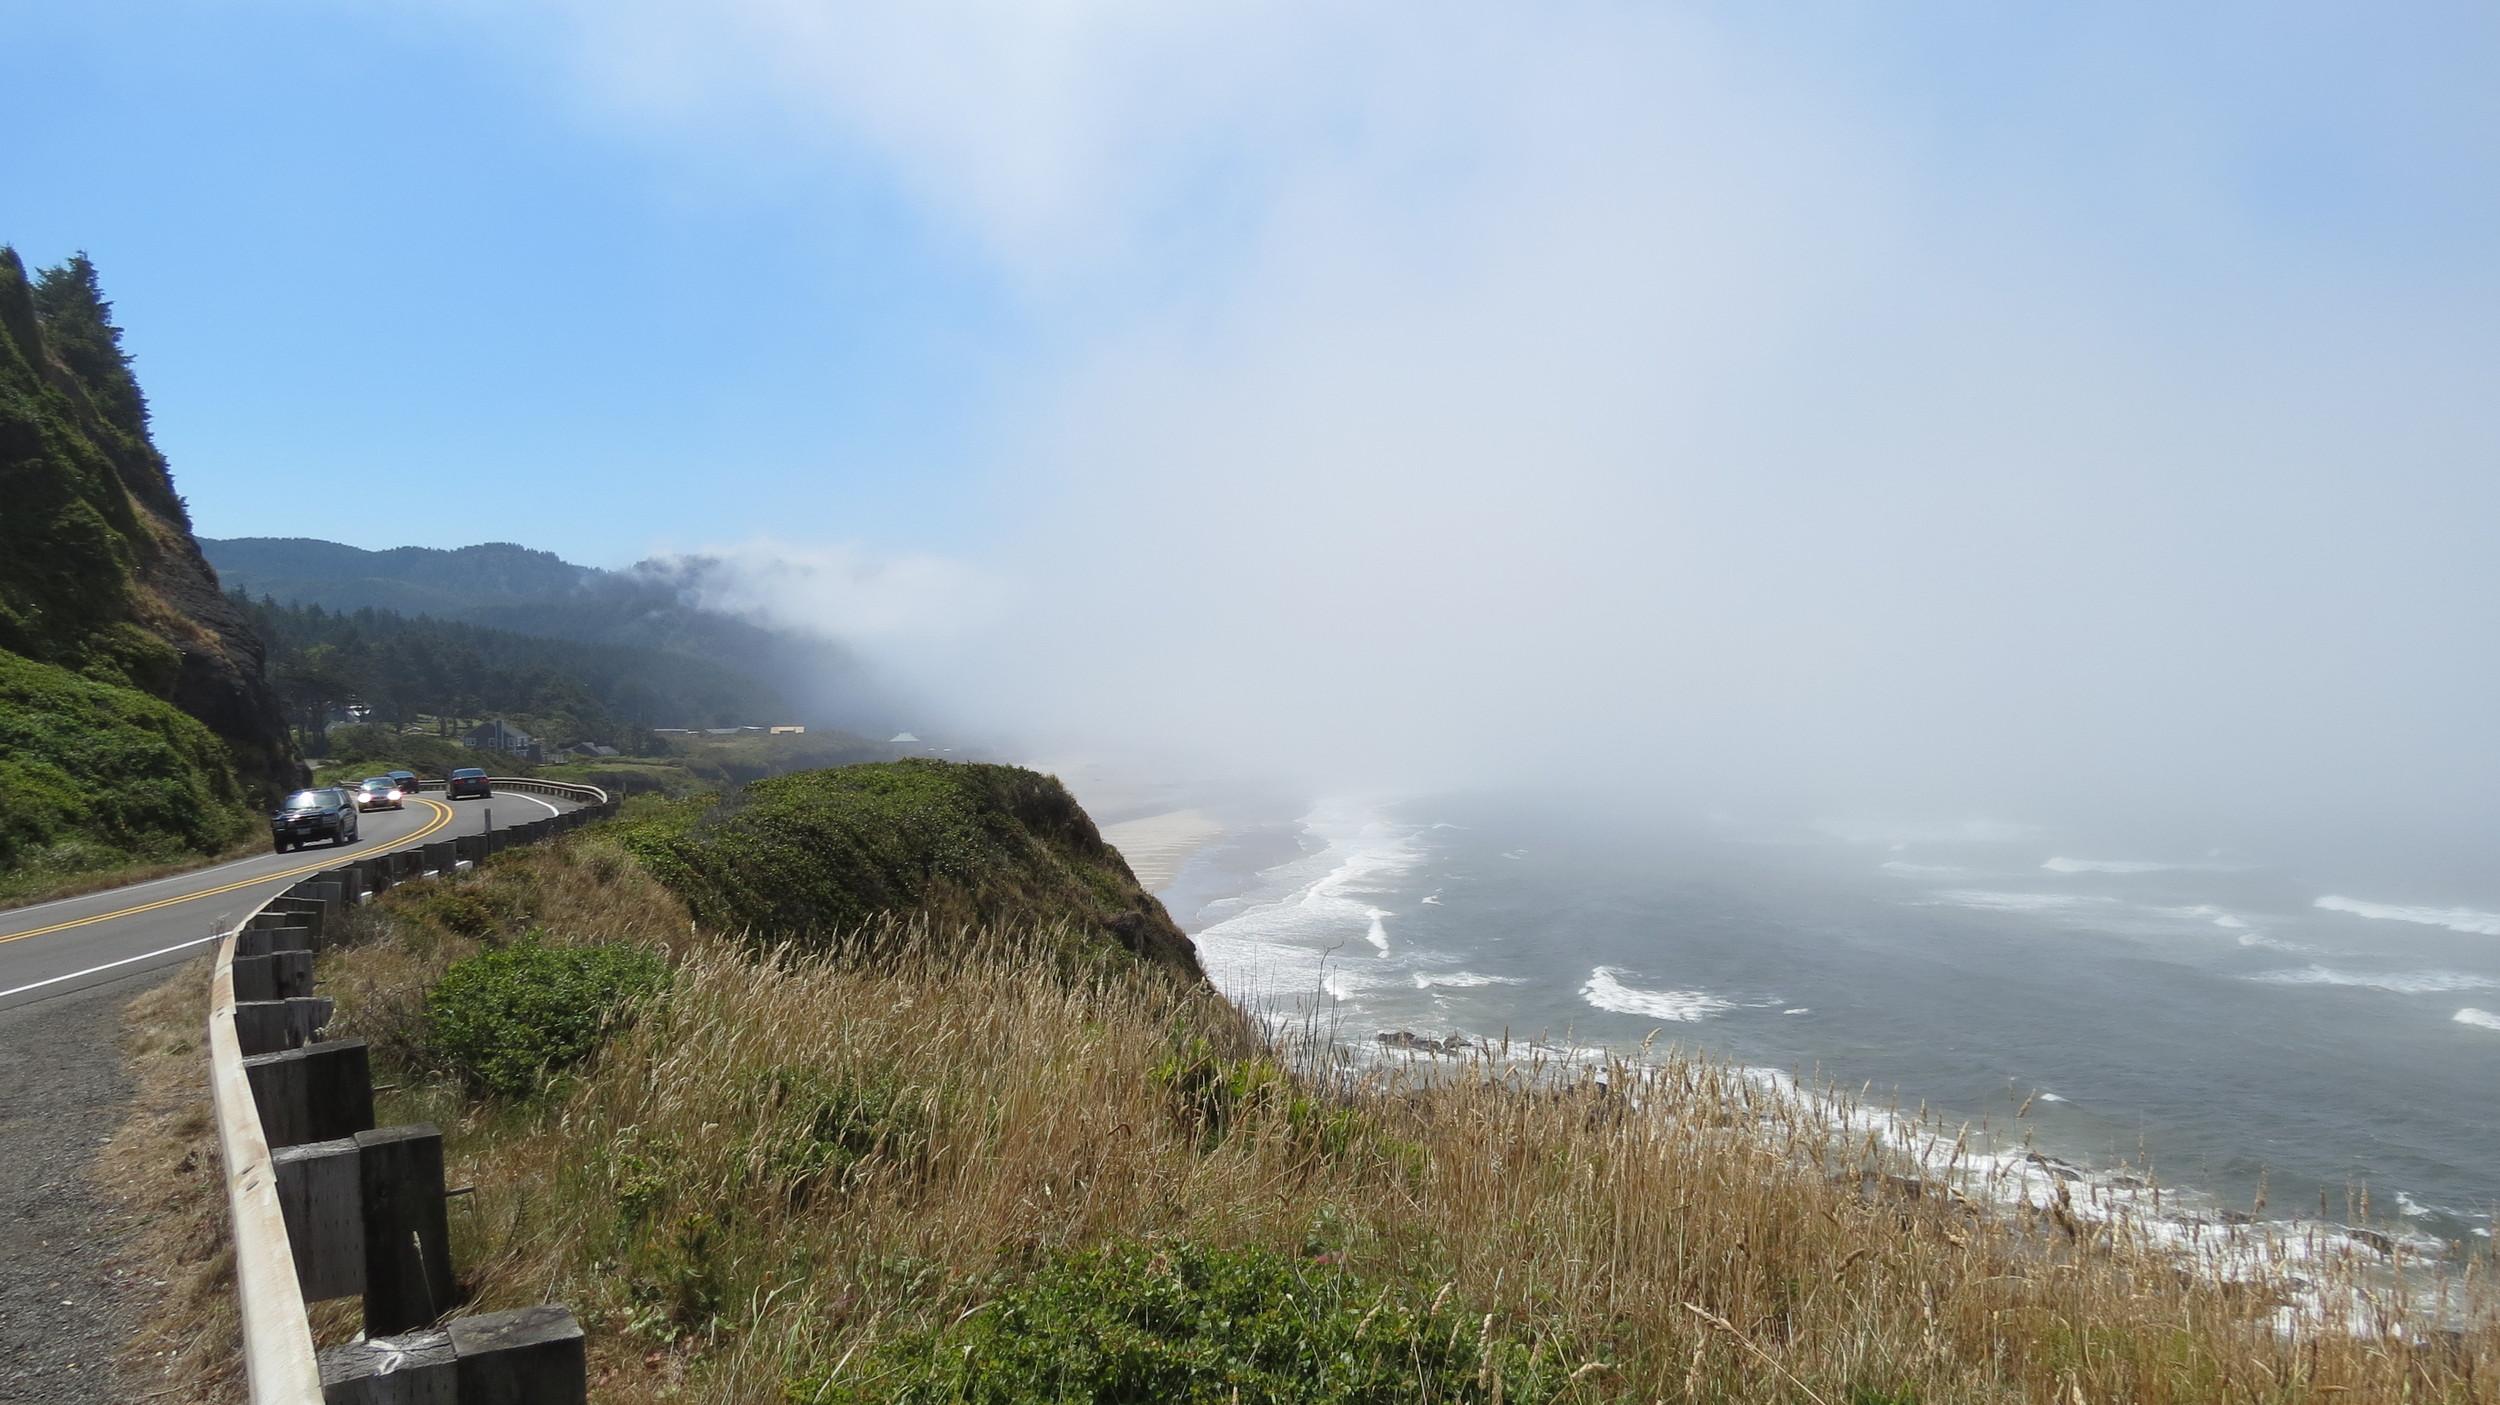 Hwy 101, Central Oregon Coast